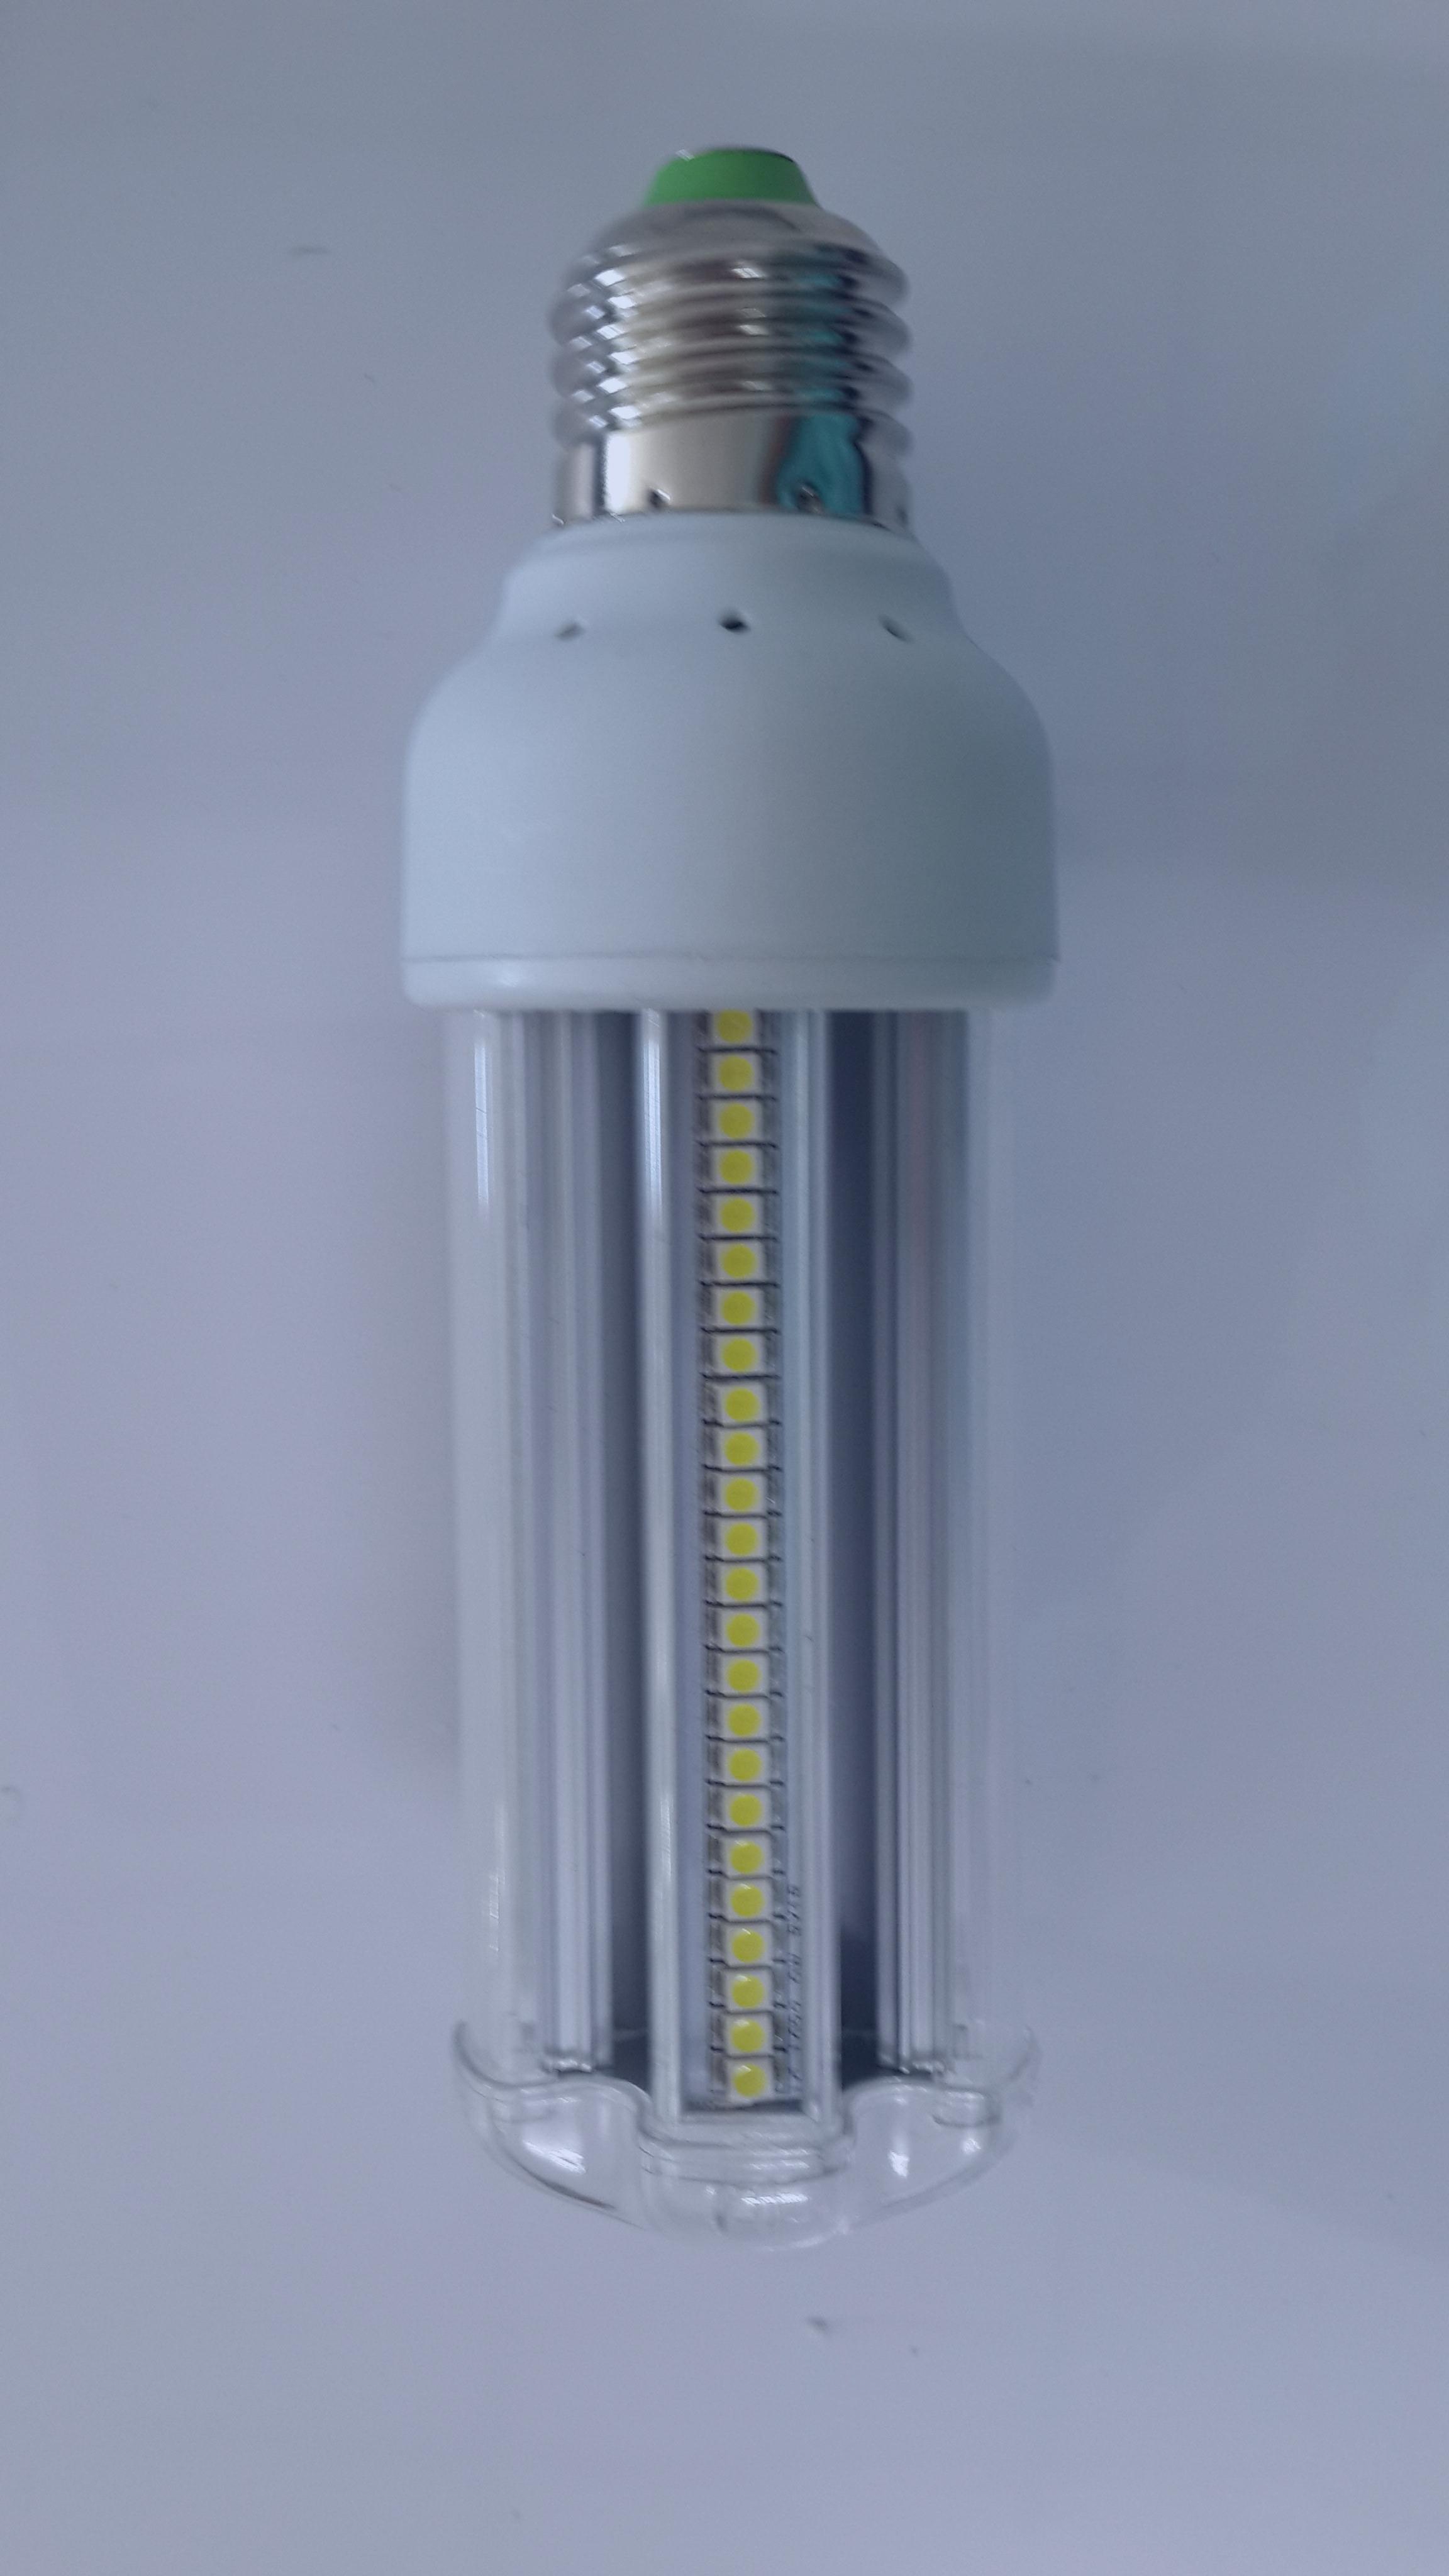 หลอดไฟแอลอีดี 85-265V/9W COLD WHITE